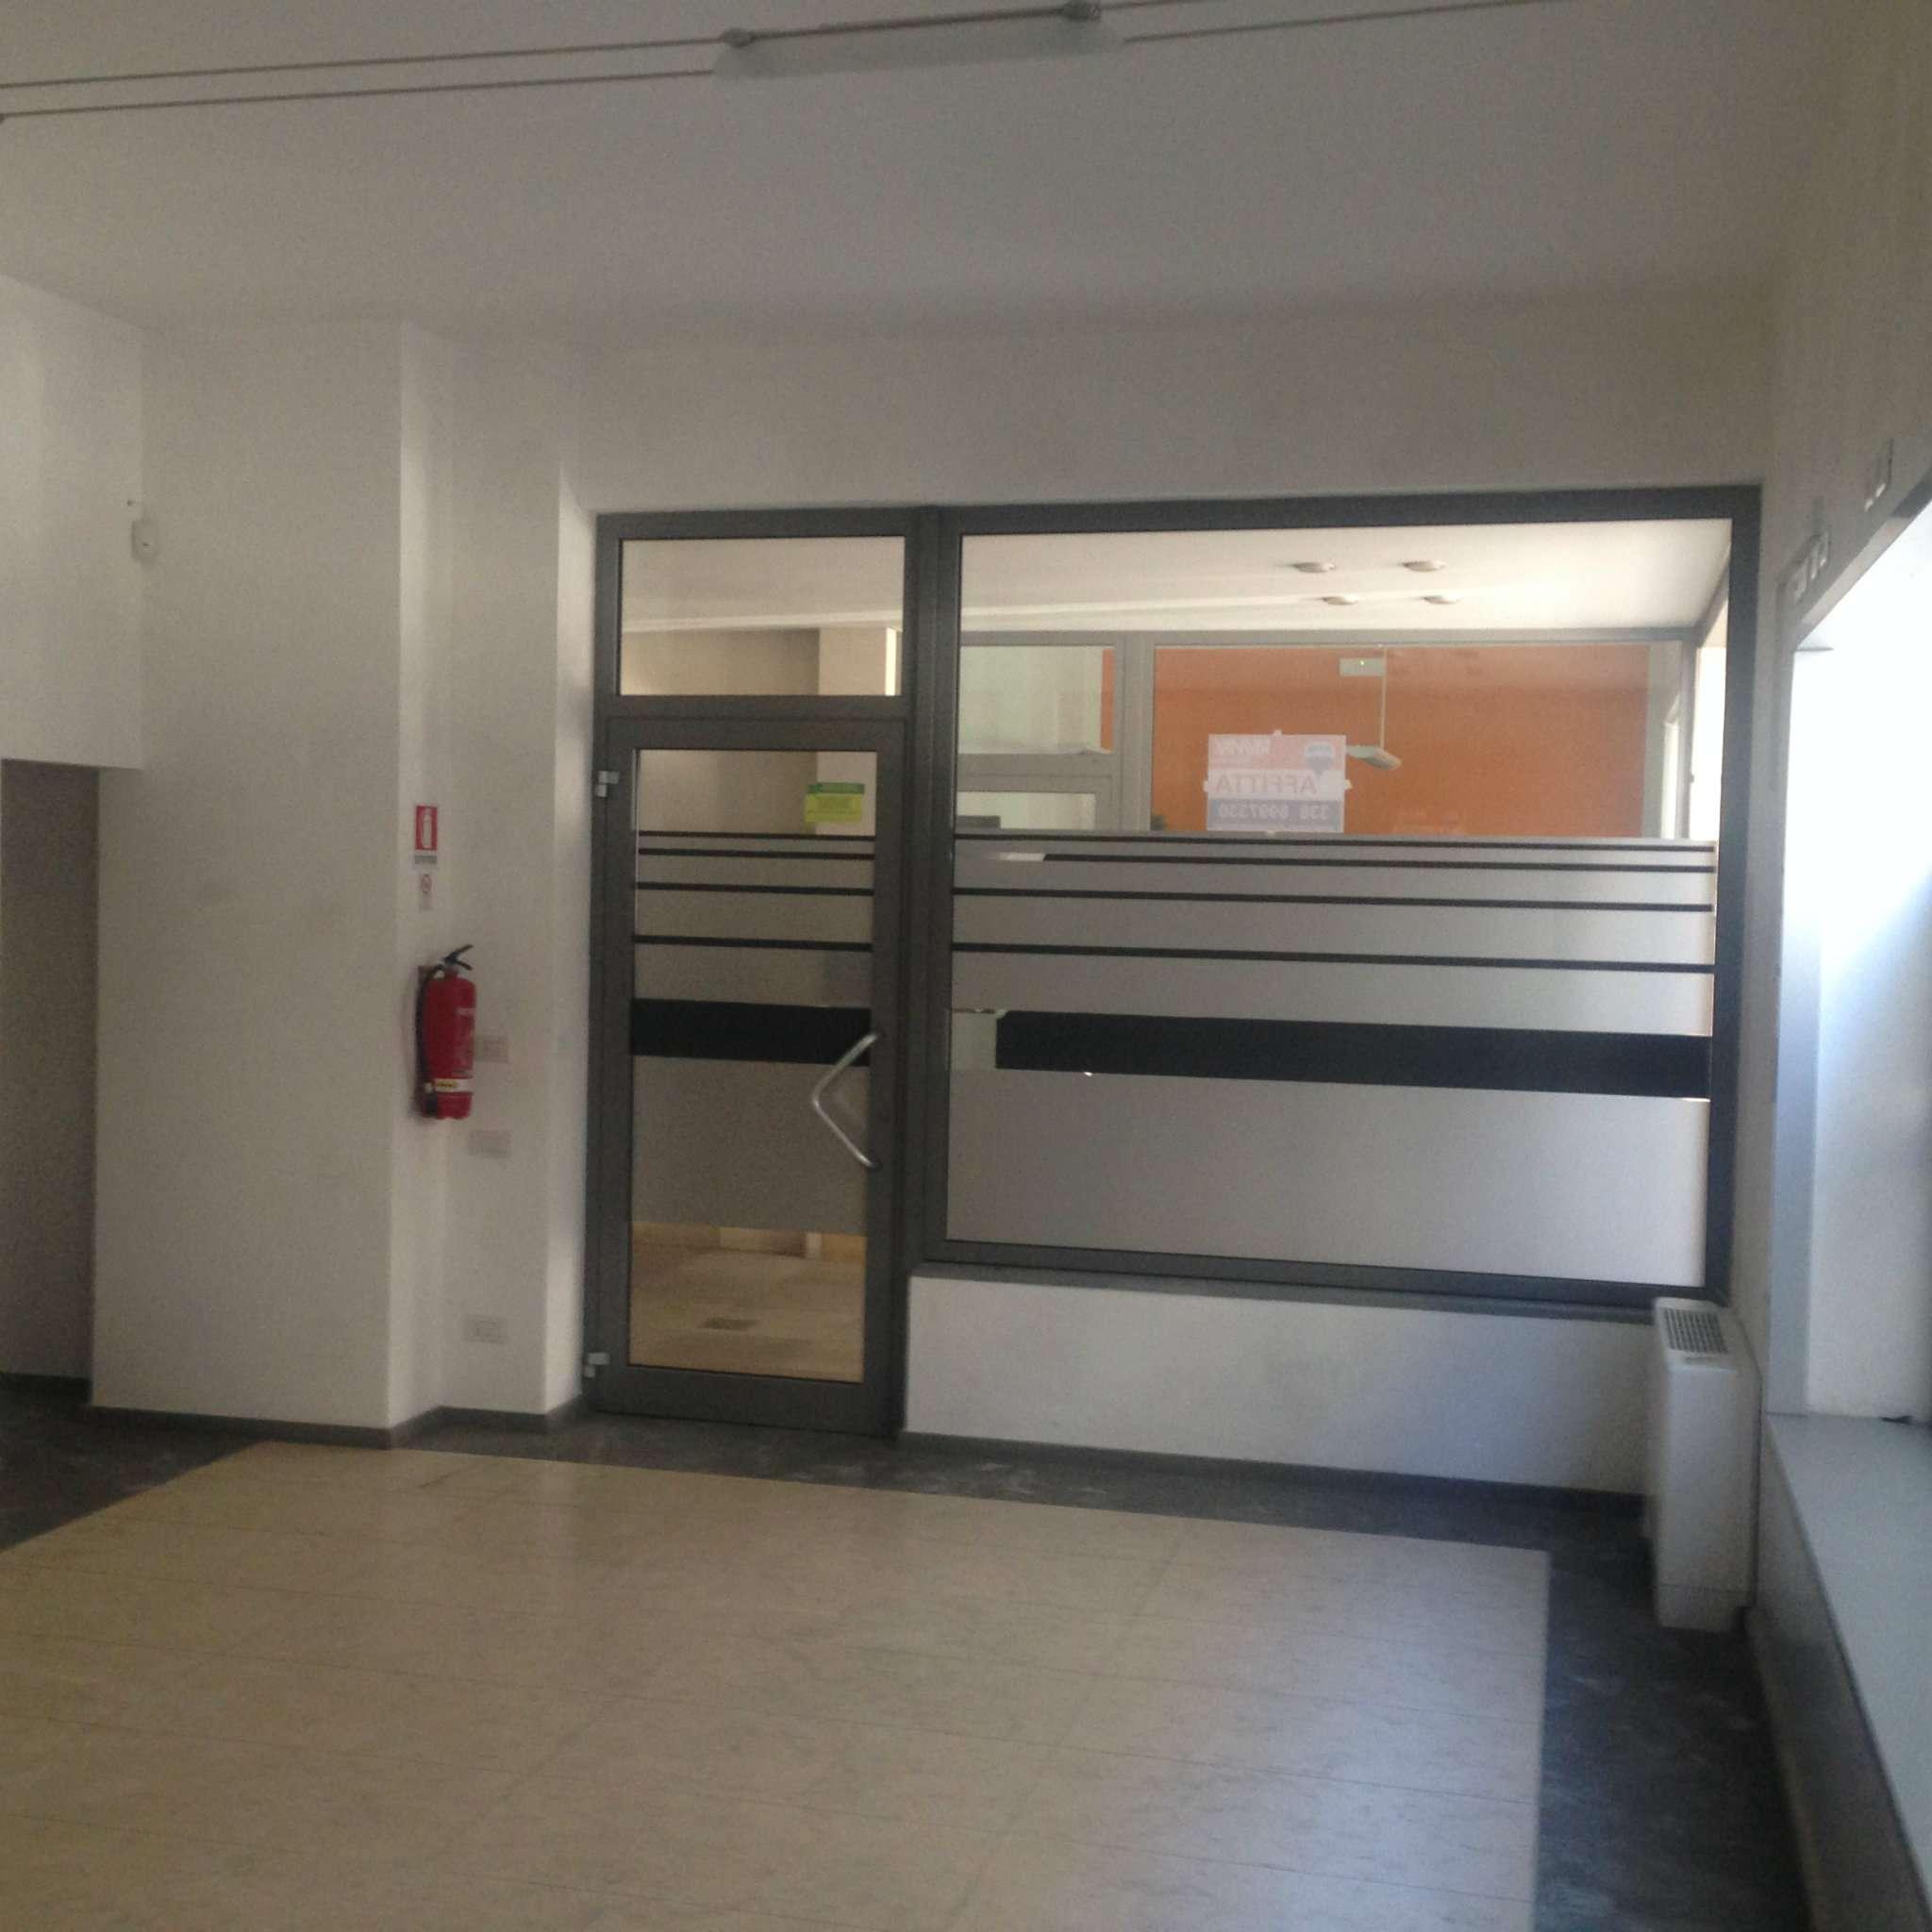 Ufficio-studio in Affitto a Pinerolo: 2 locali, 80 mq